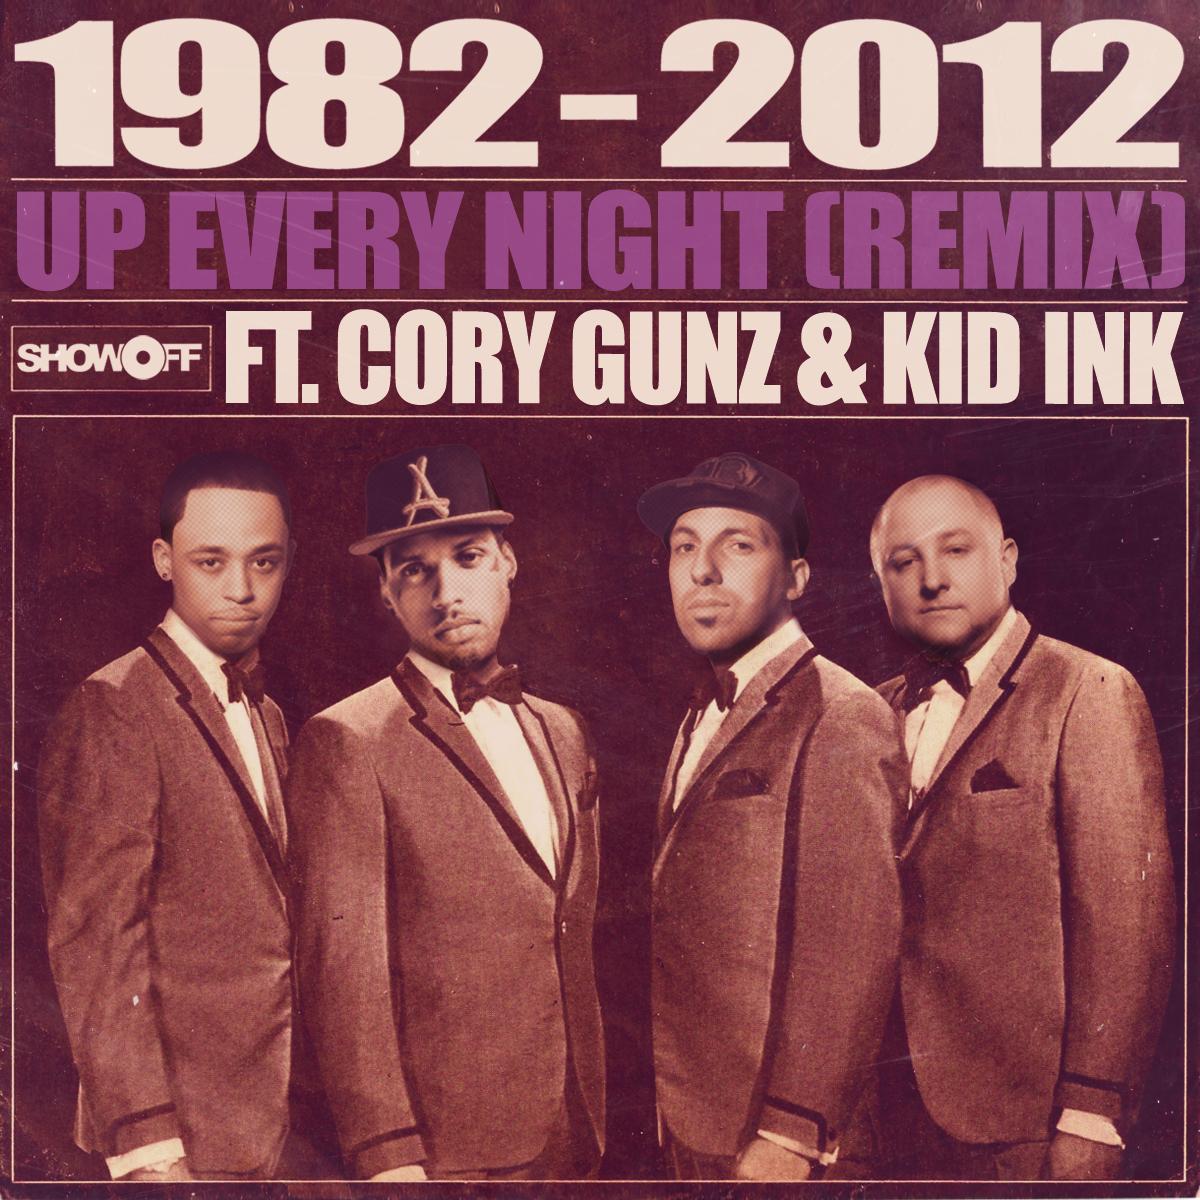 """1982 (Statik Selektah & Termanology) """"Up Every Night Remix"""" ft. Cory Gunz & Kid Ink [audio]"""